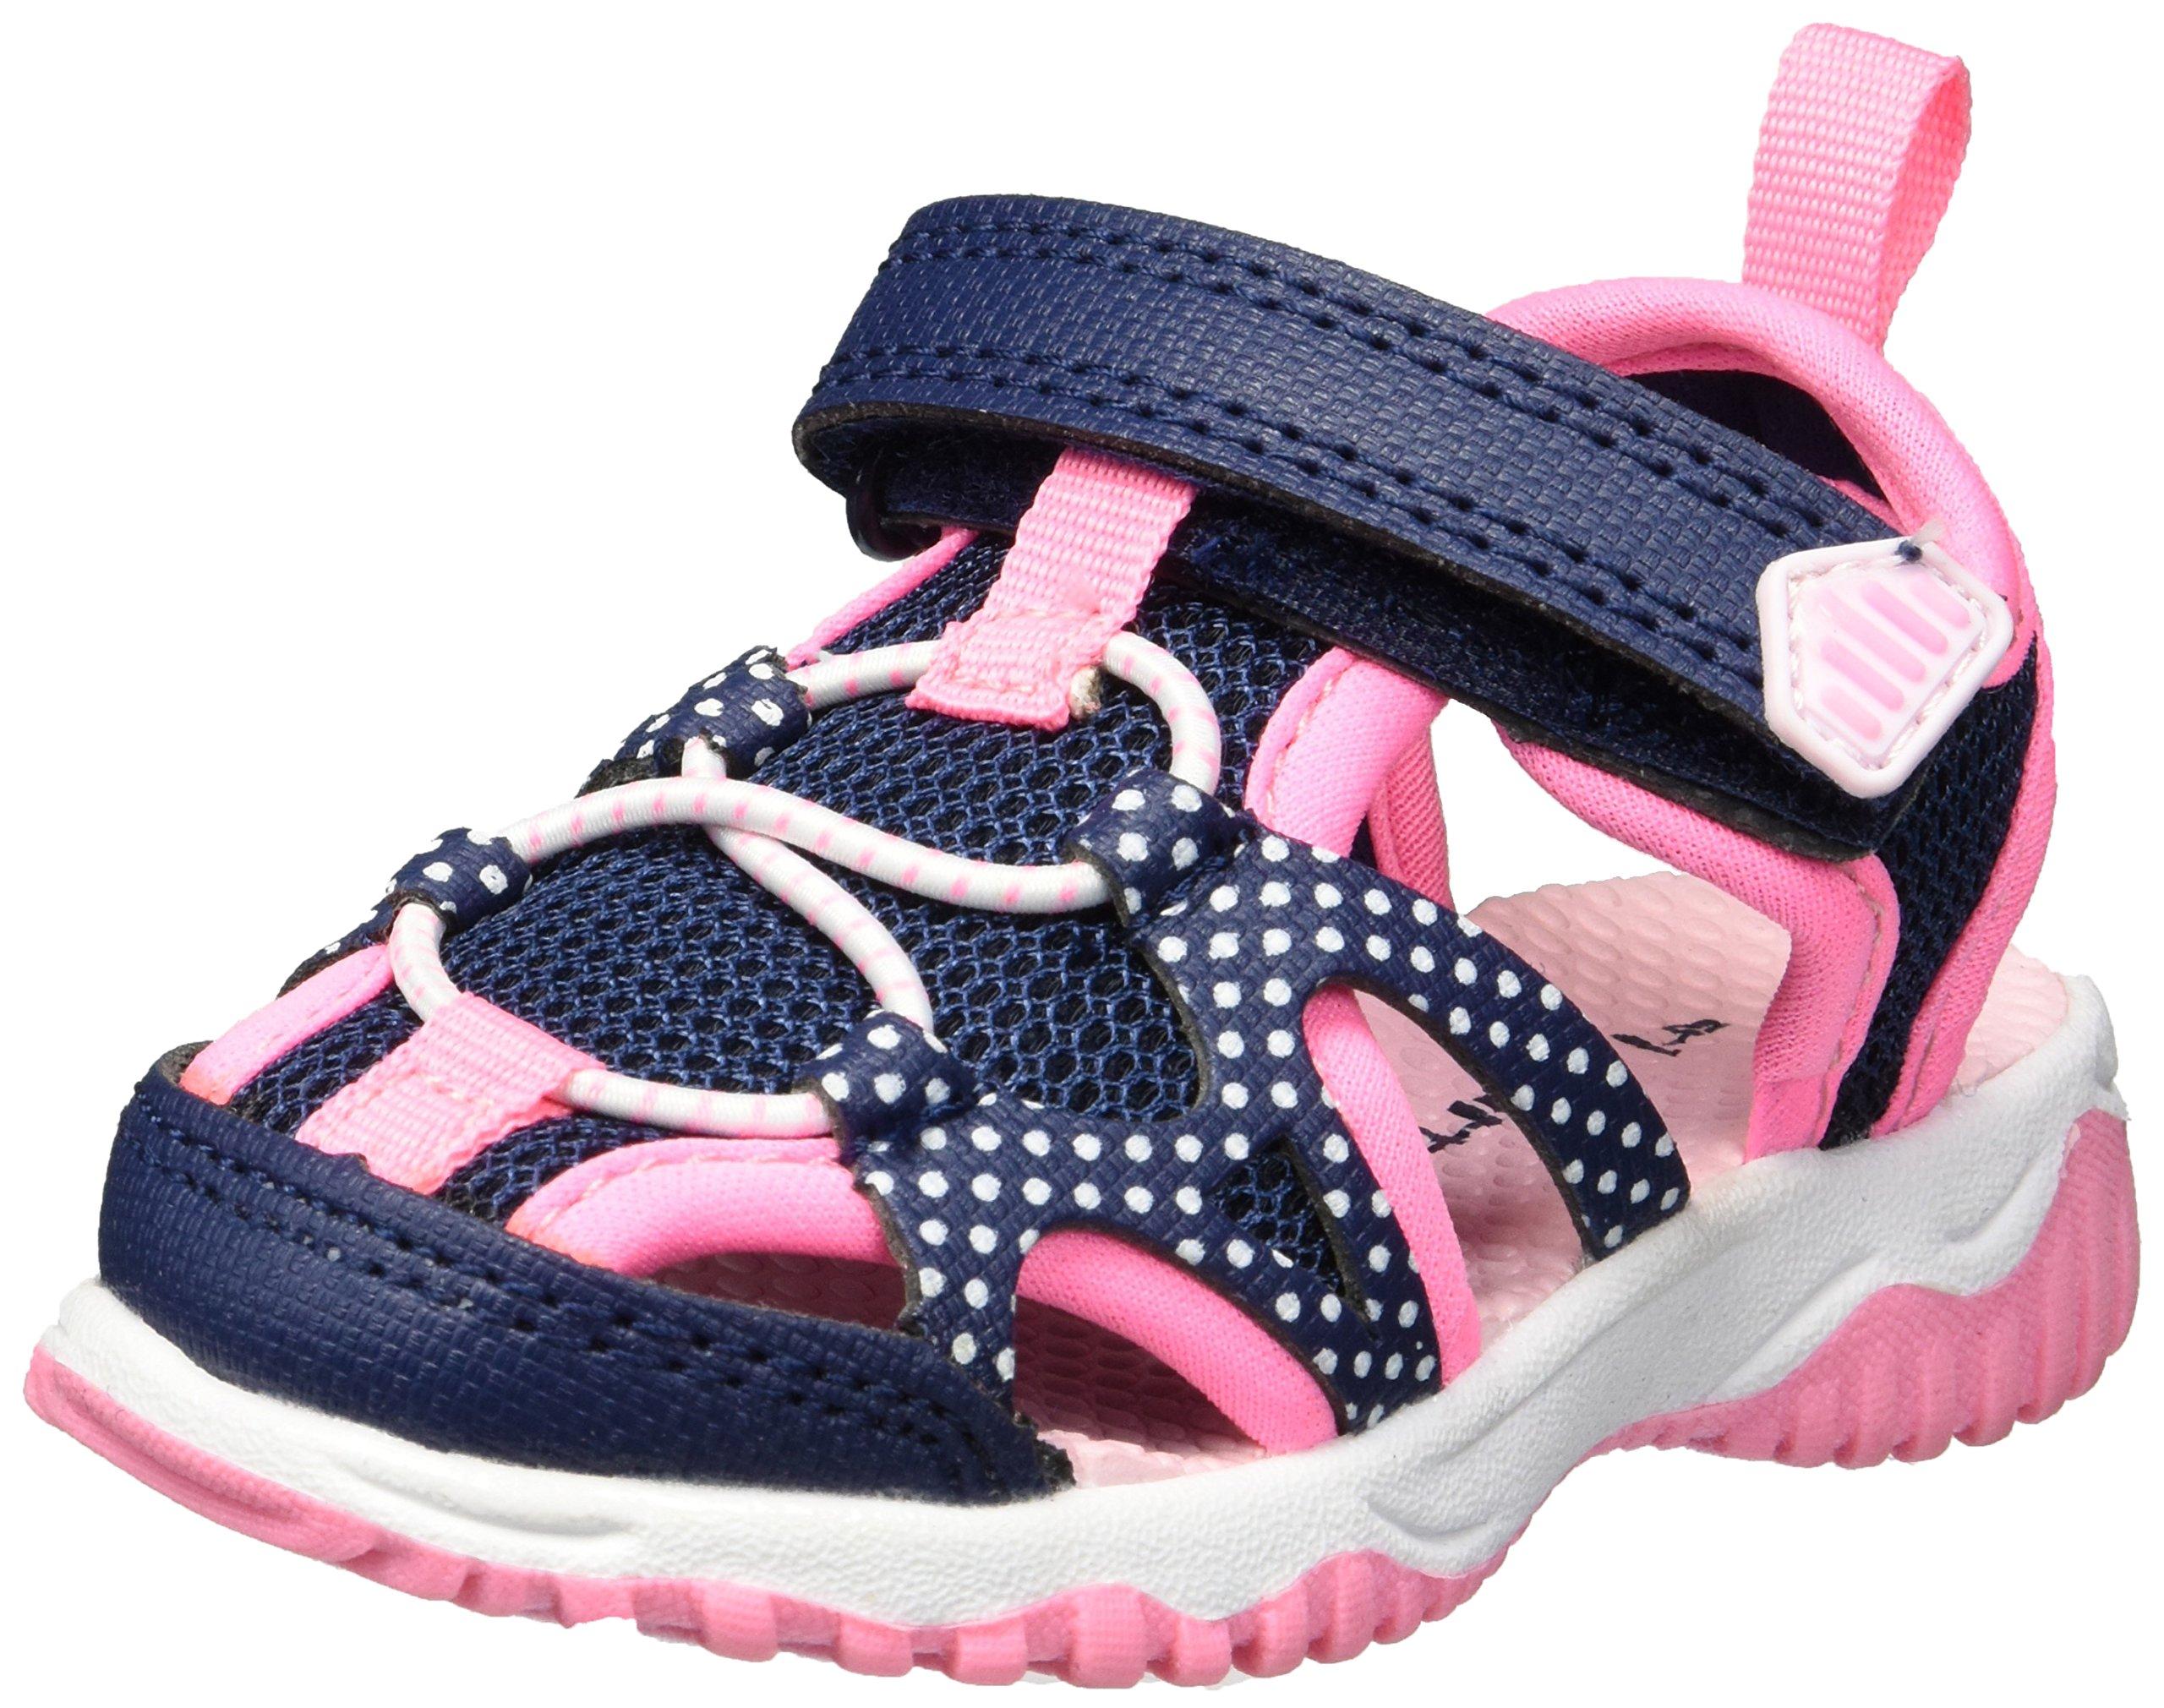 Carter's Unisex-Kids Zyntec Boy's and Girl's Athletic Sport Sandal, Navy, 11 M US Little Kid